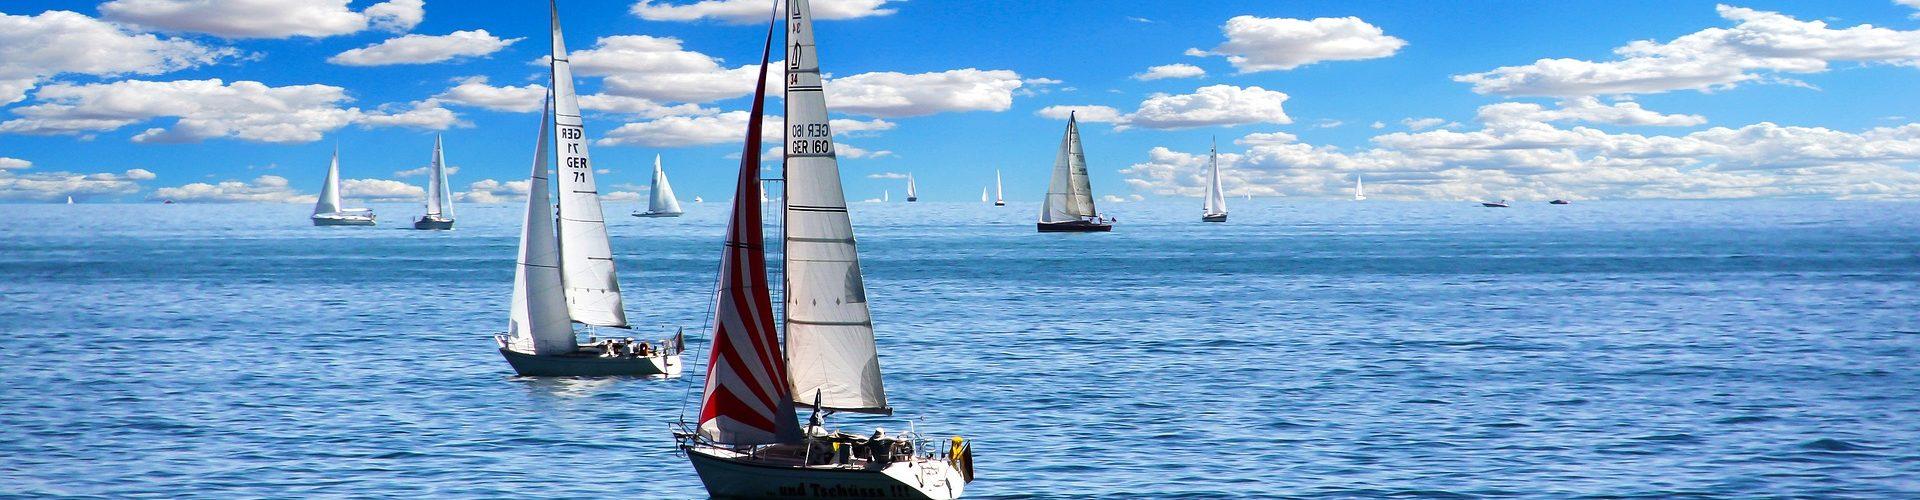 segeln lernen in Insel Poel segelschein machen in Insel Poel 1920x500 - Segeln lernen in Insel Poel